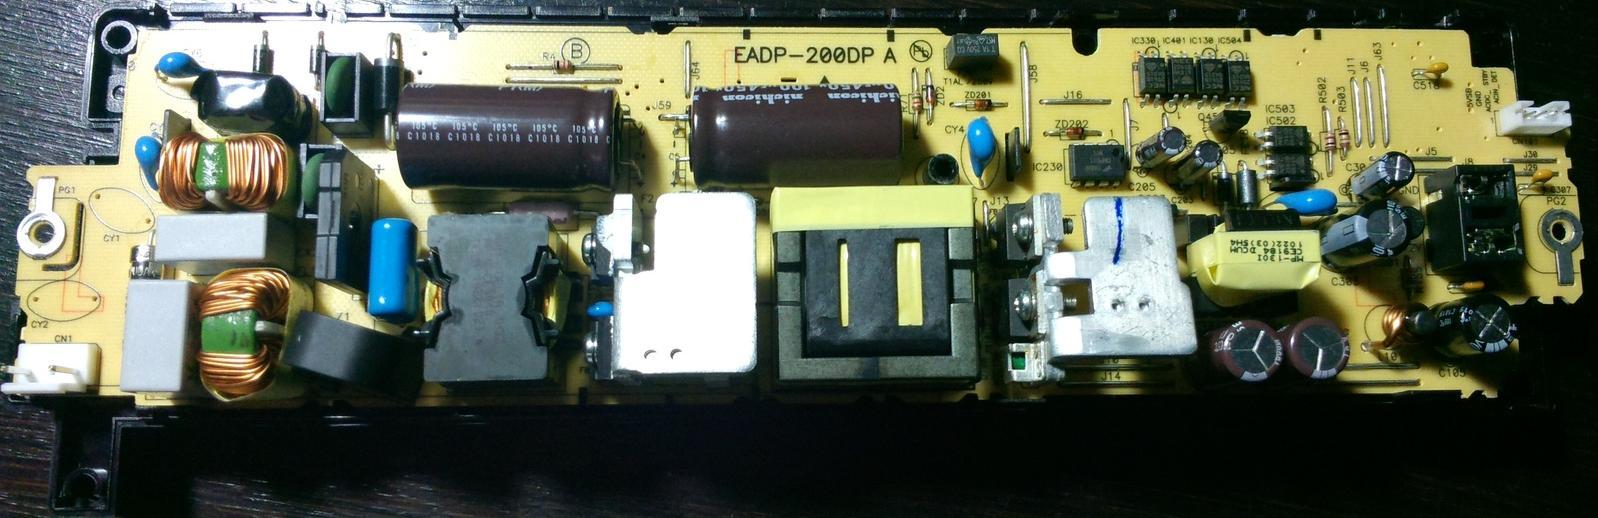 Eadp 200dp repair manuals